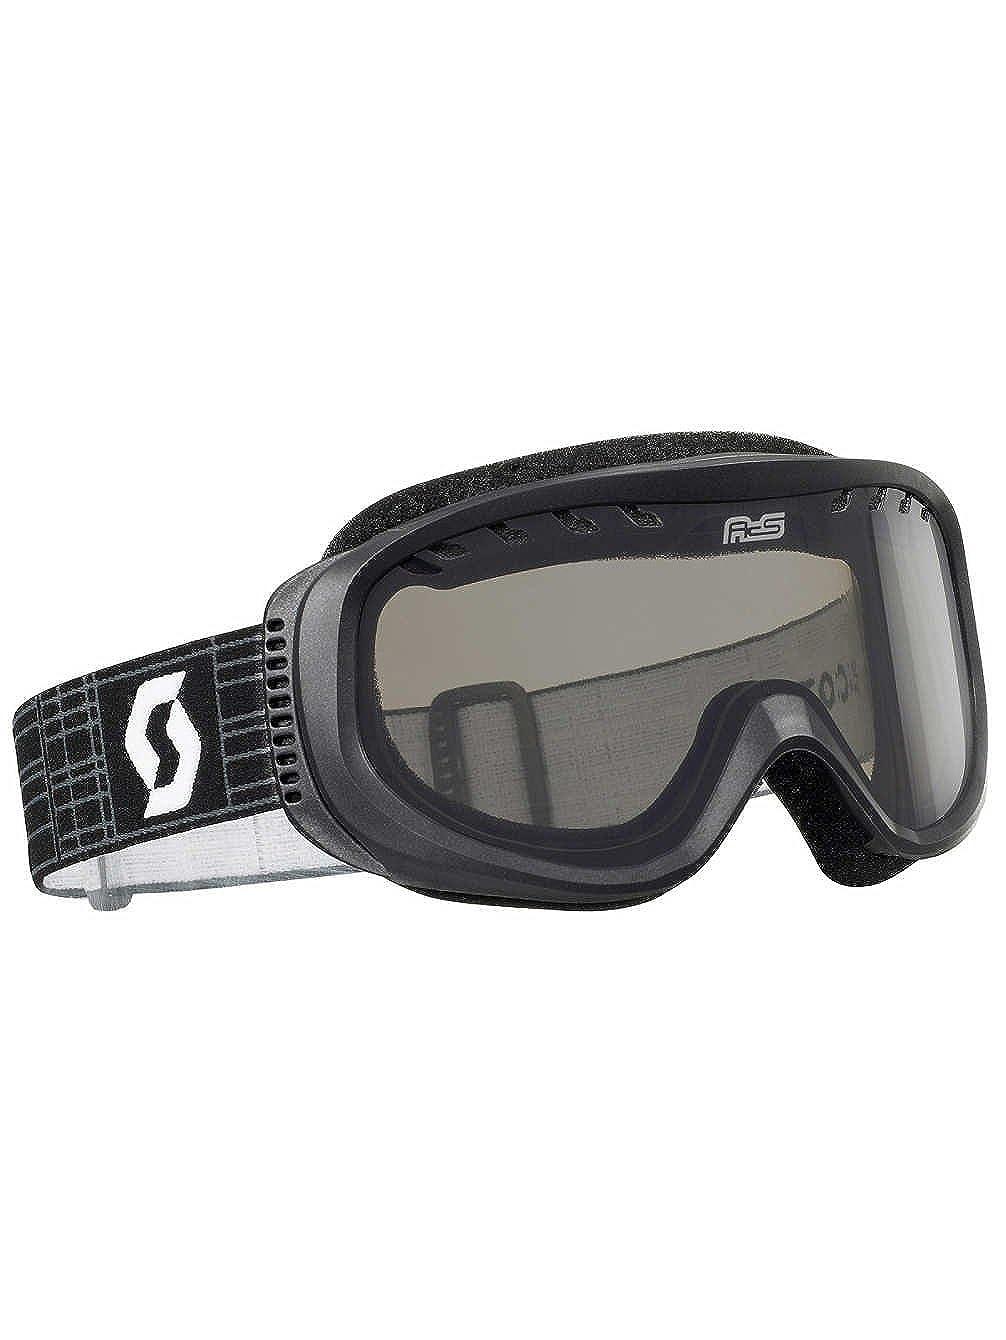 Scott Cartel - Gafas de esquí unisex (talla única) negro std ...